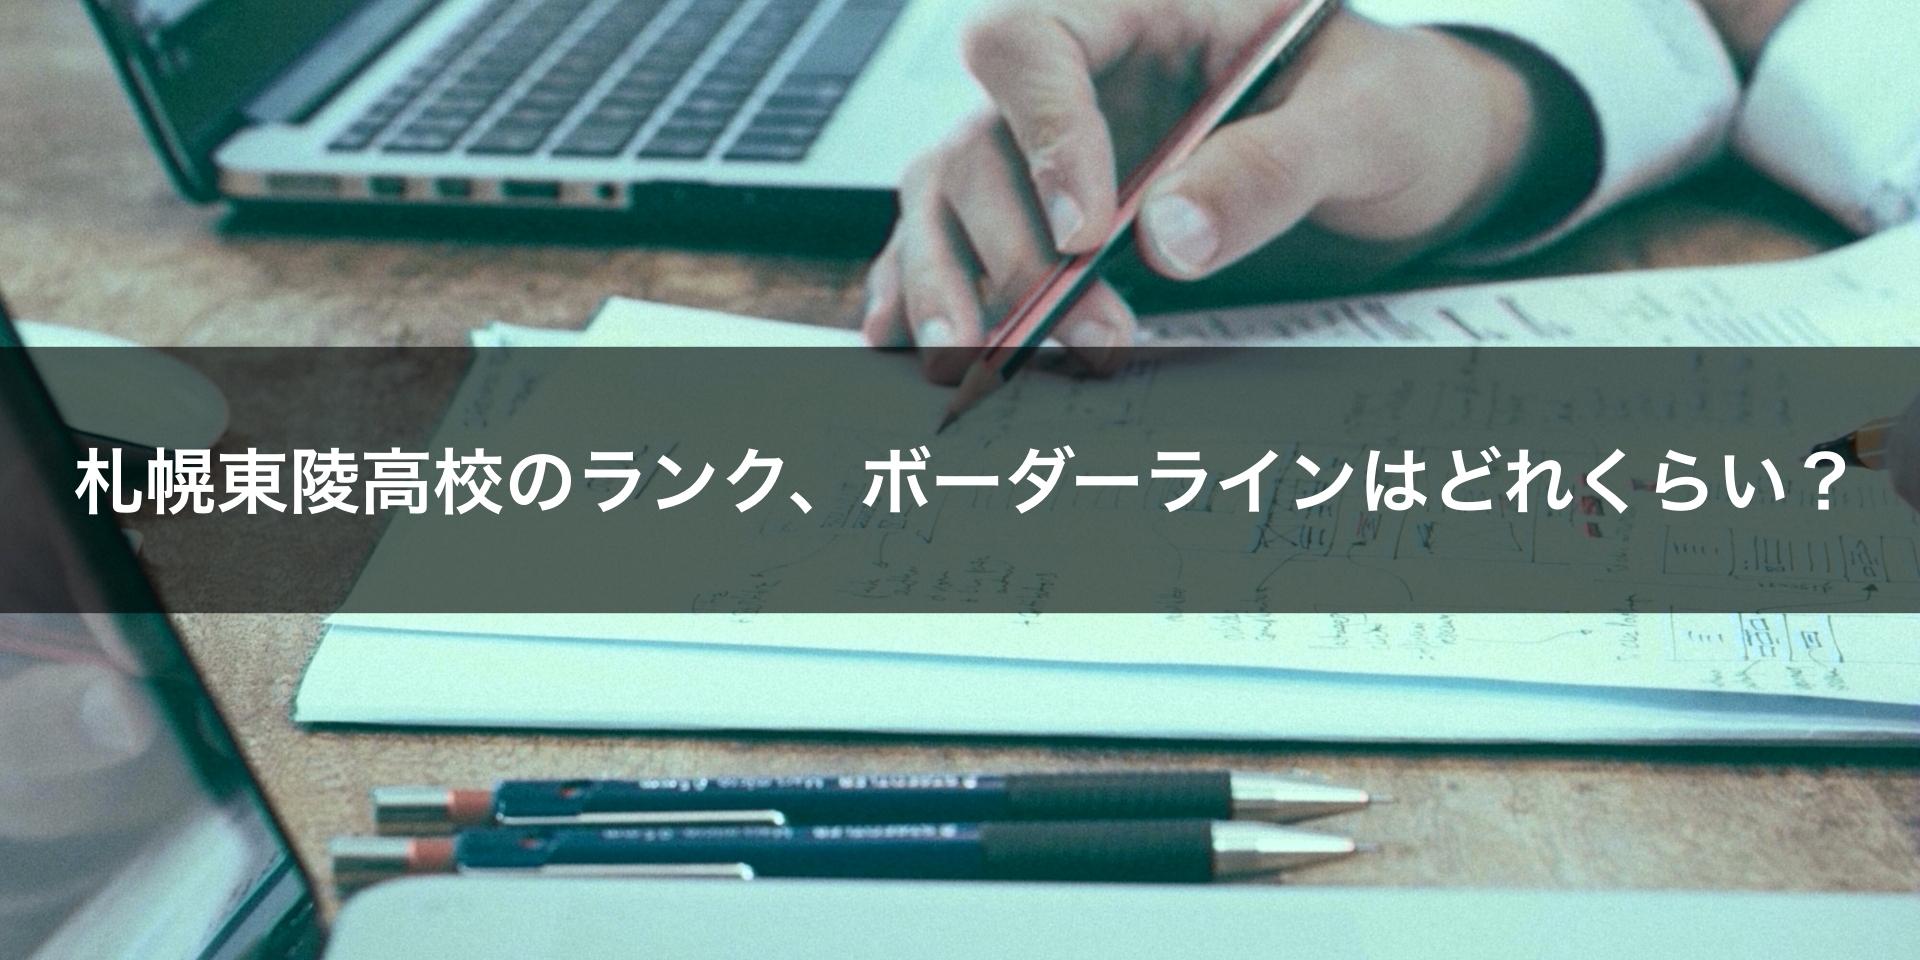 札幌東陵高校のランク、ボーダーラインはどれくらい?